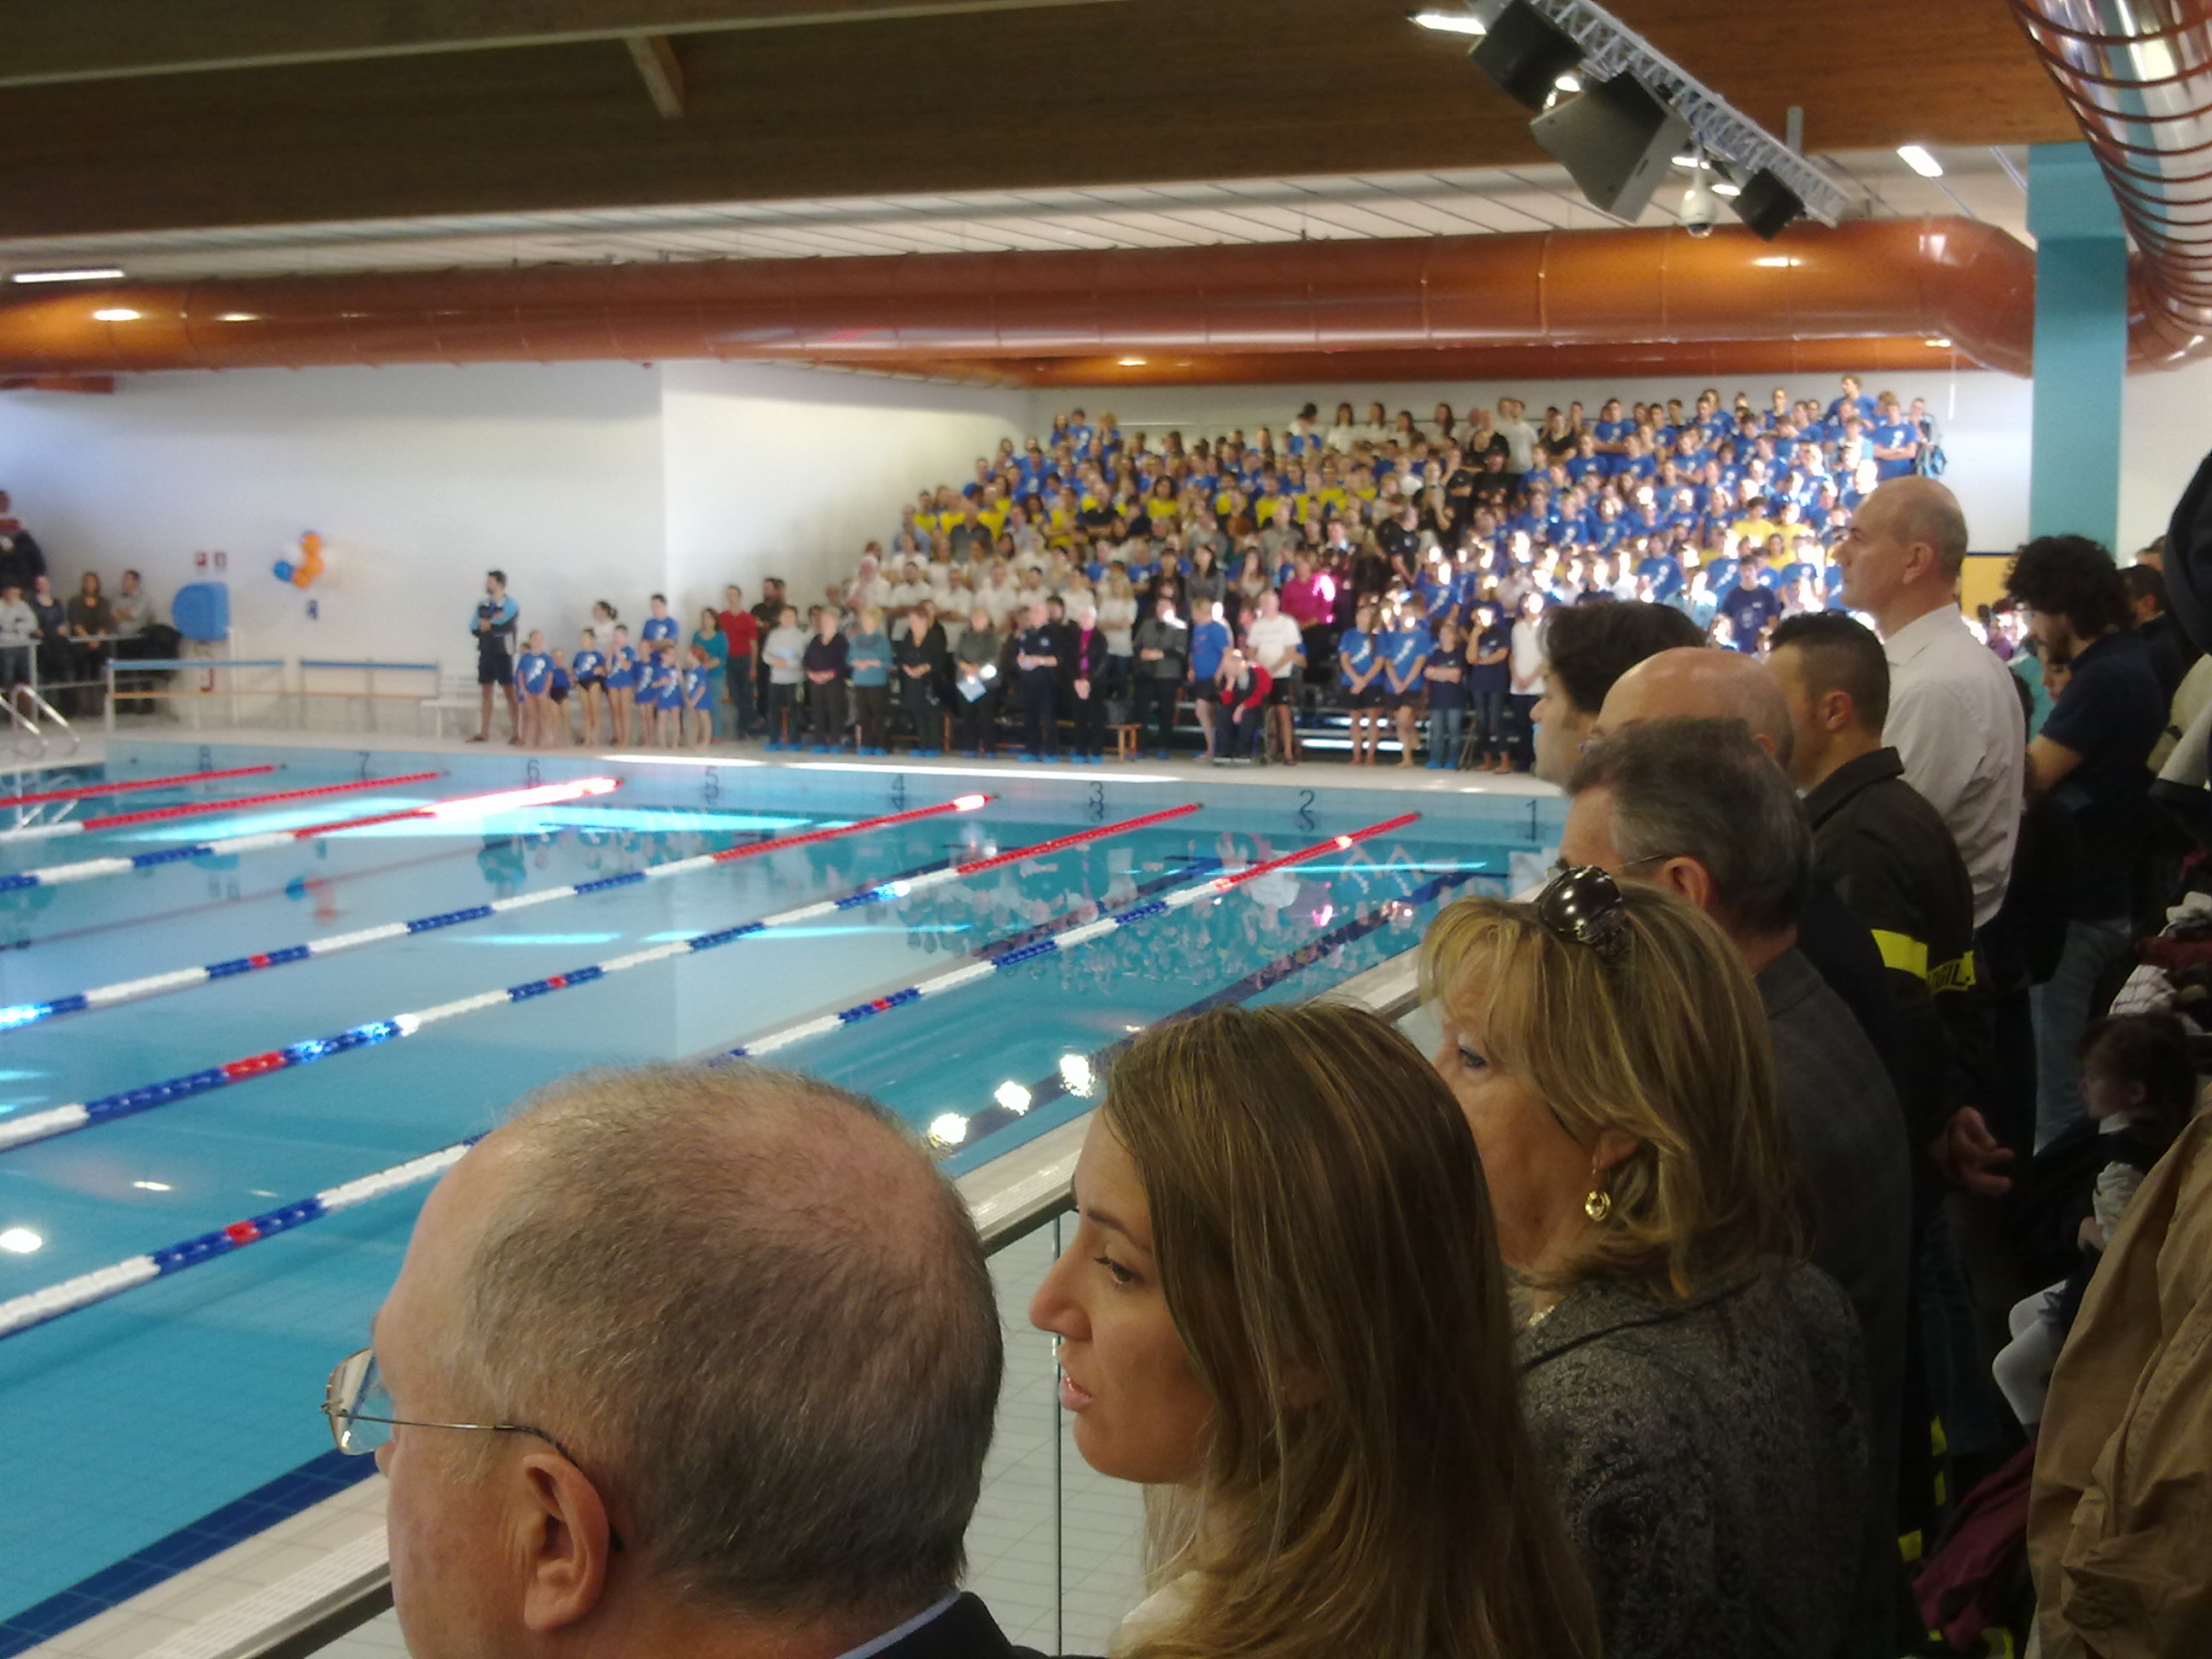 inaugurazione nuova piscina di montebelluna asd